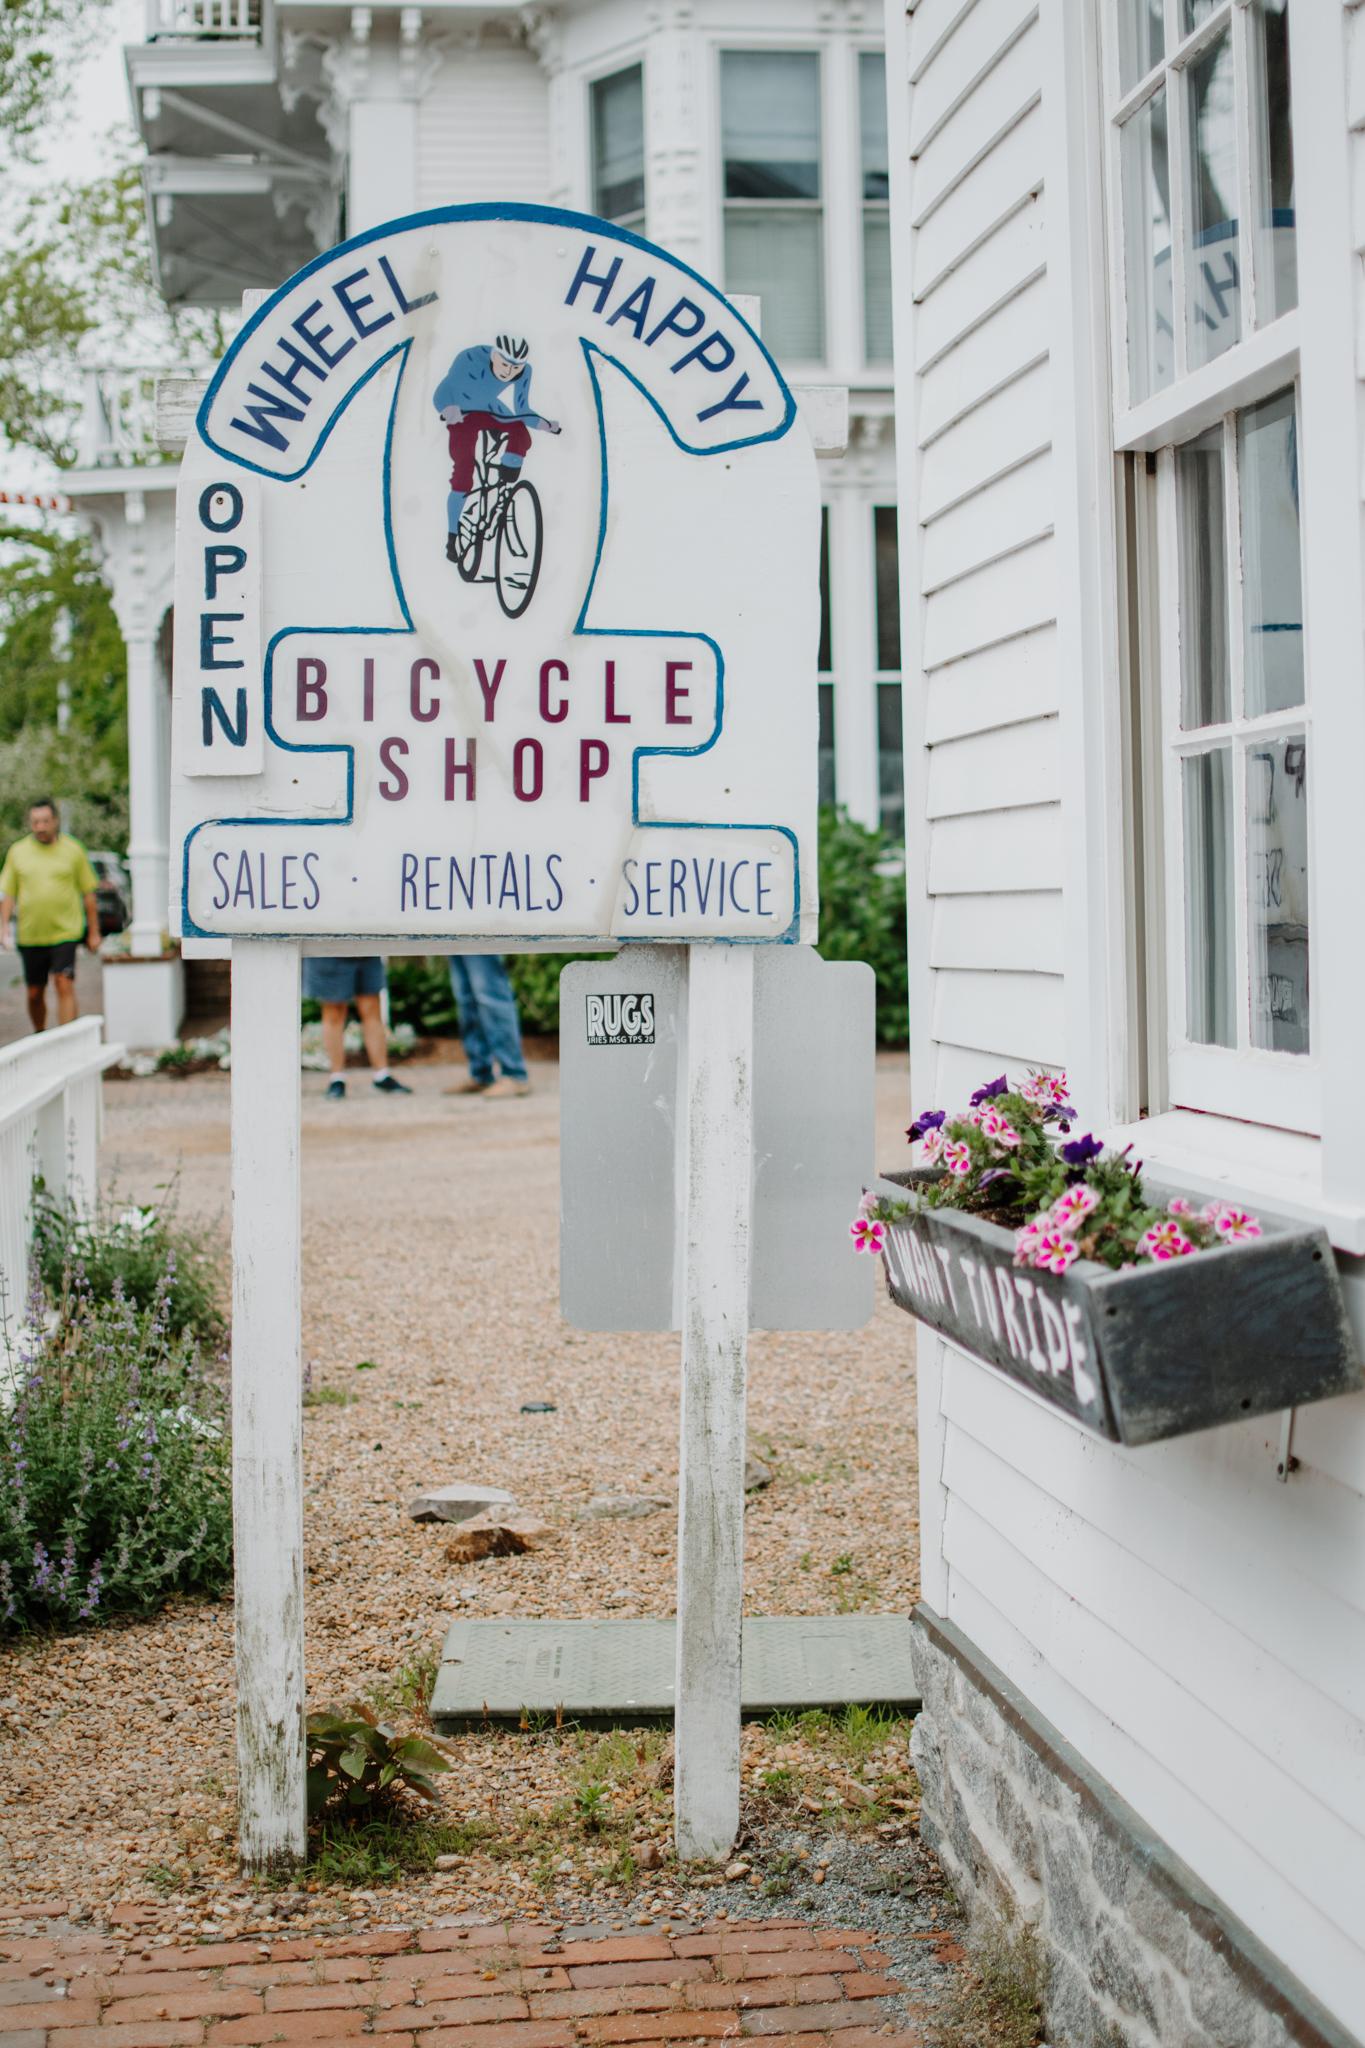 spring weekend in martha's vineyard - martha's vineyard travel guide - wheel happy bicycle shop edgartown - edgartown bike rental - martha's vineyard bike rental